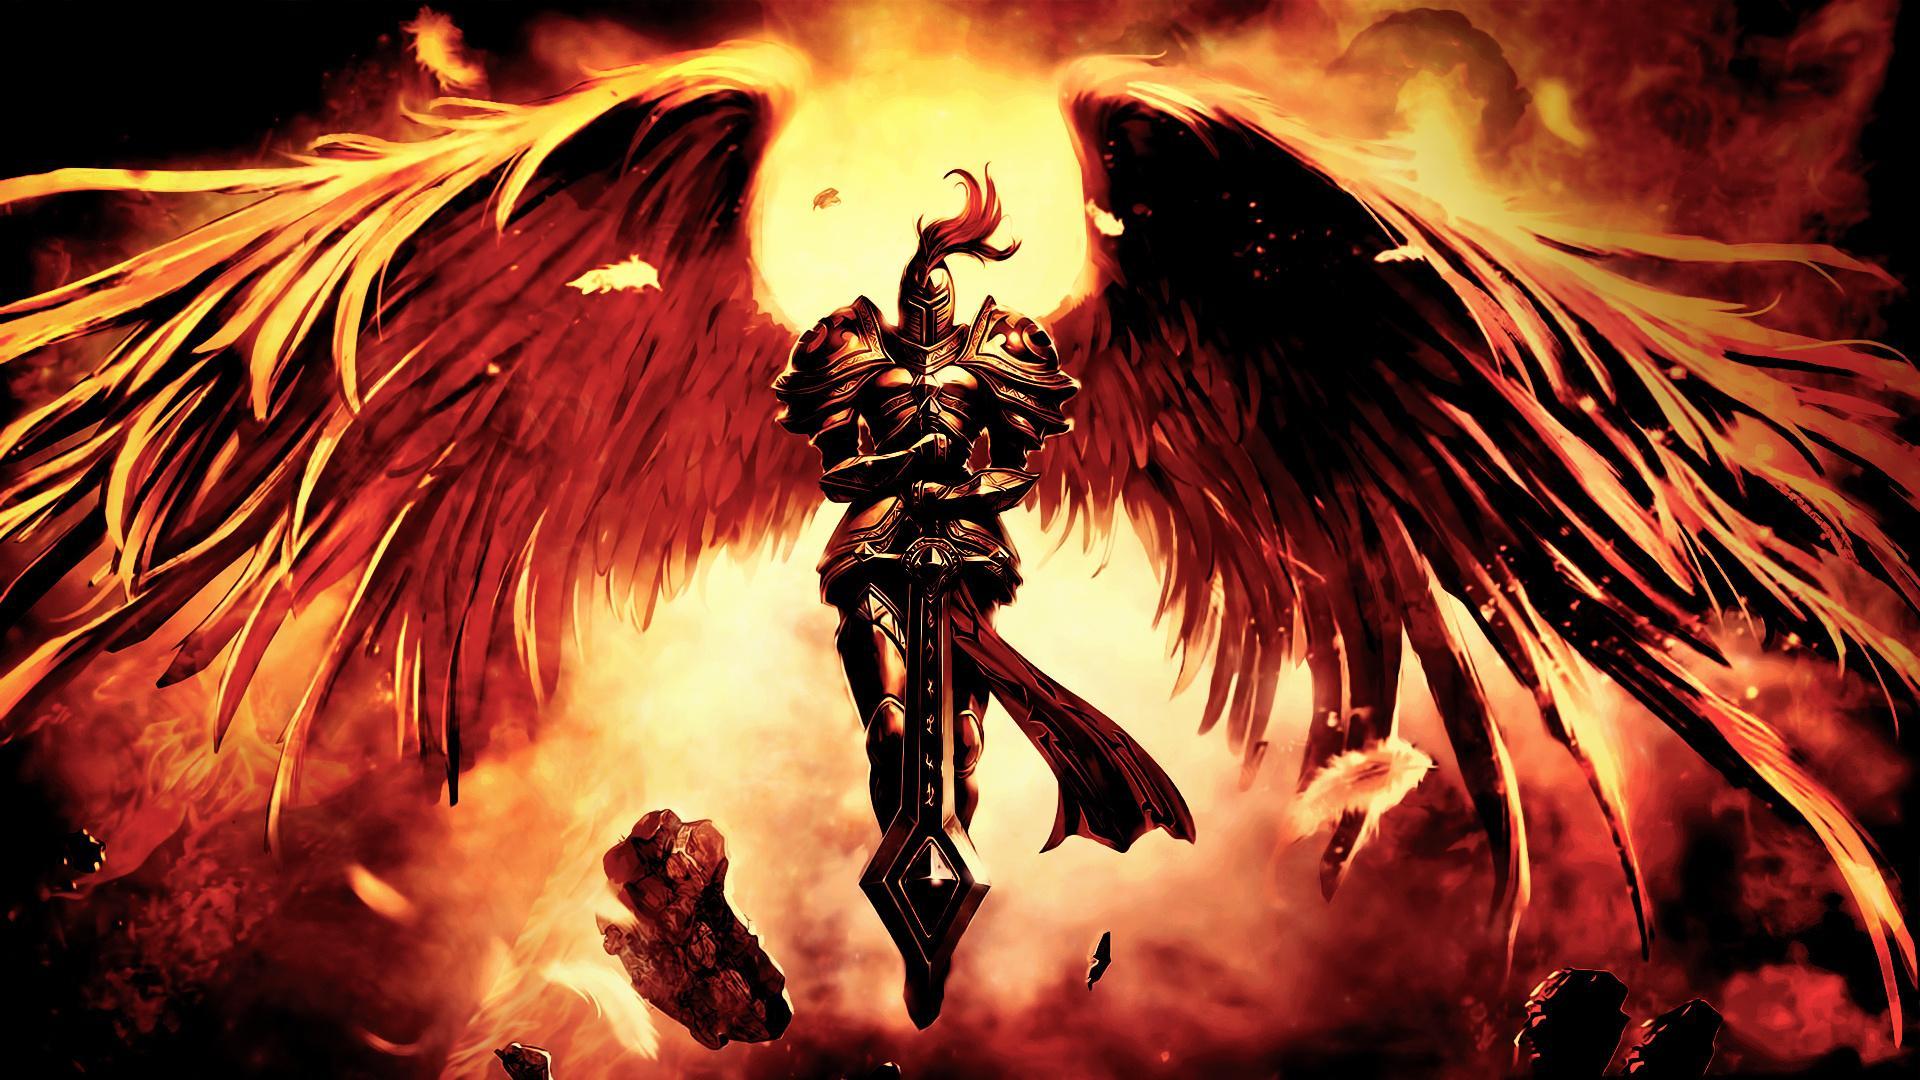 можно фото архангелов с крыльями также